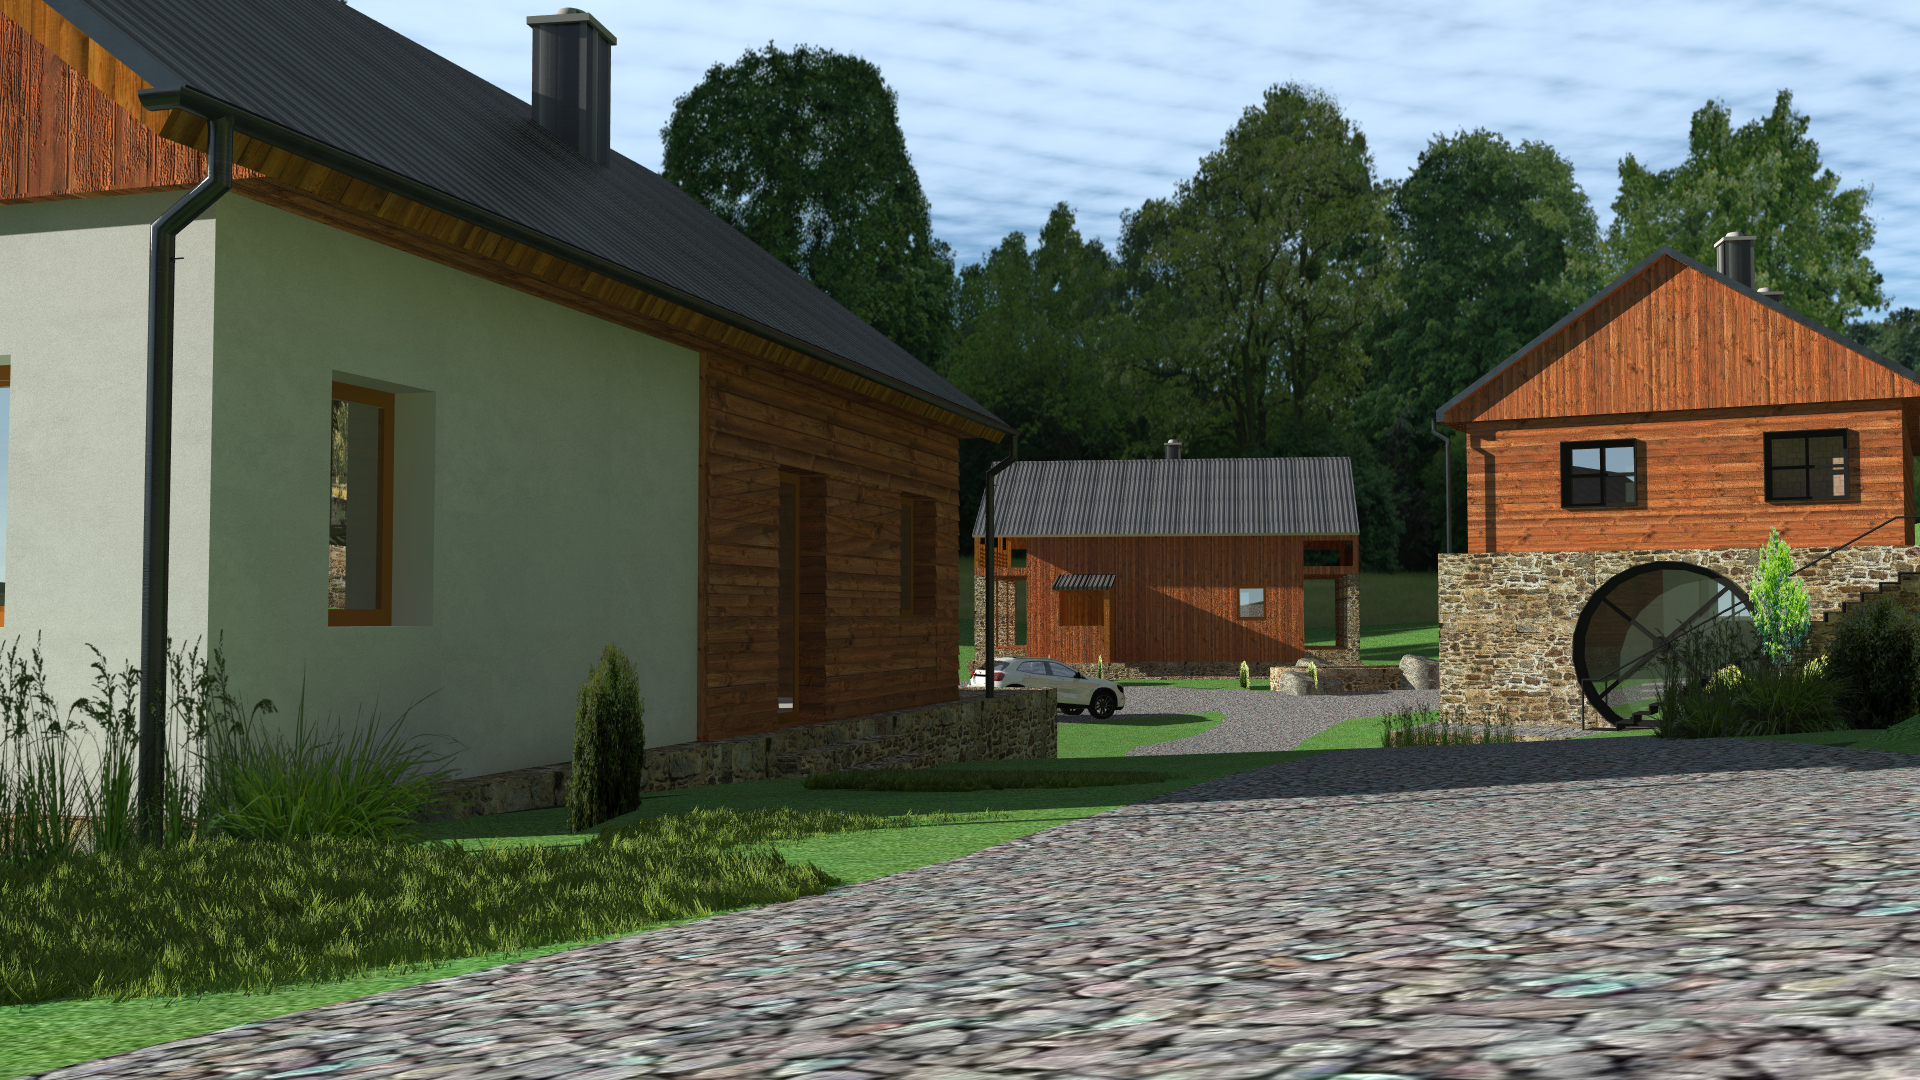 Prodej komerčního objektu s dalšími stavebními pozemky u Čachrova v srdci Šumavy